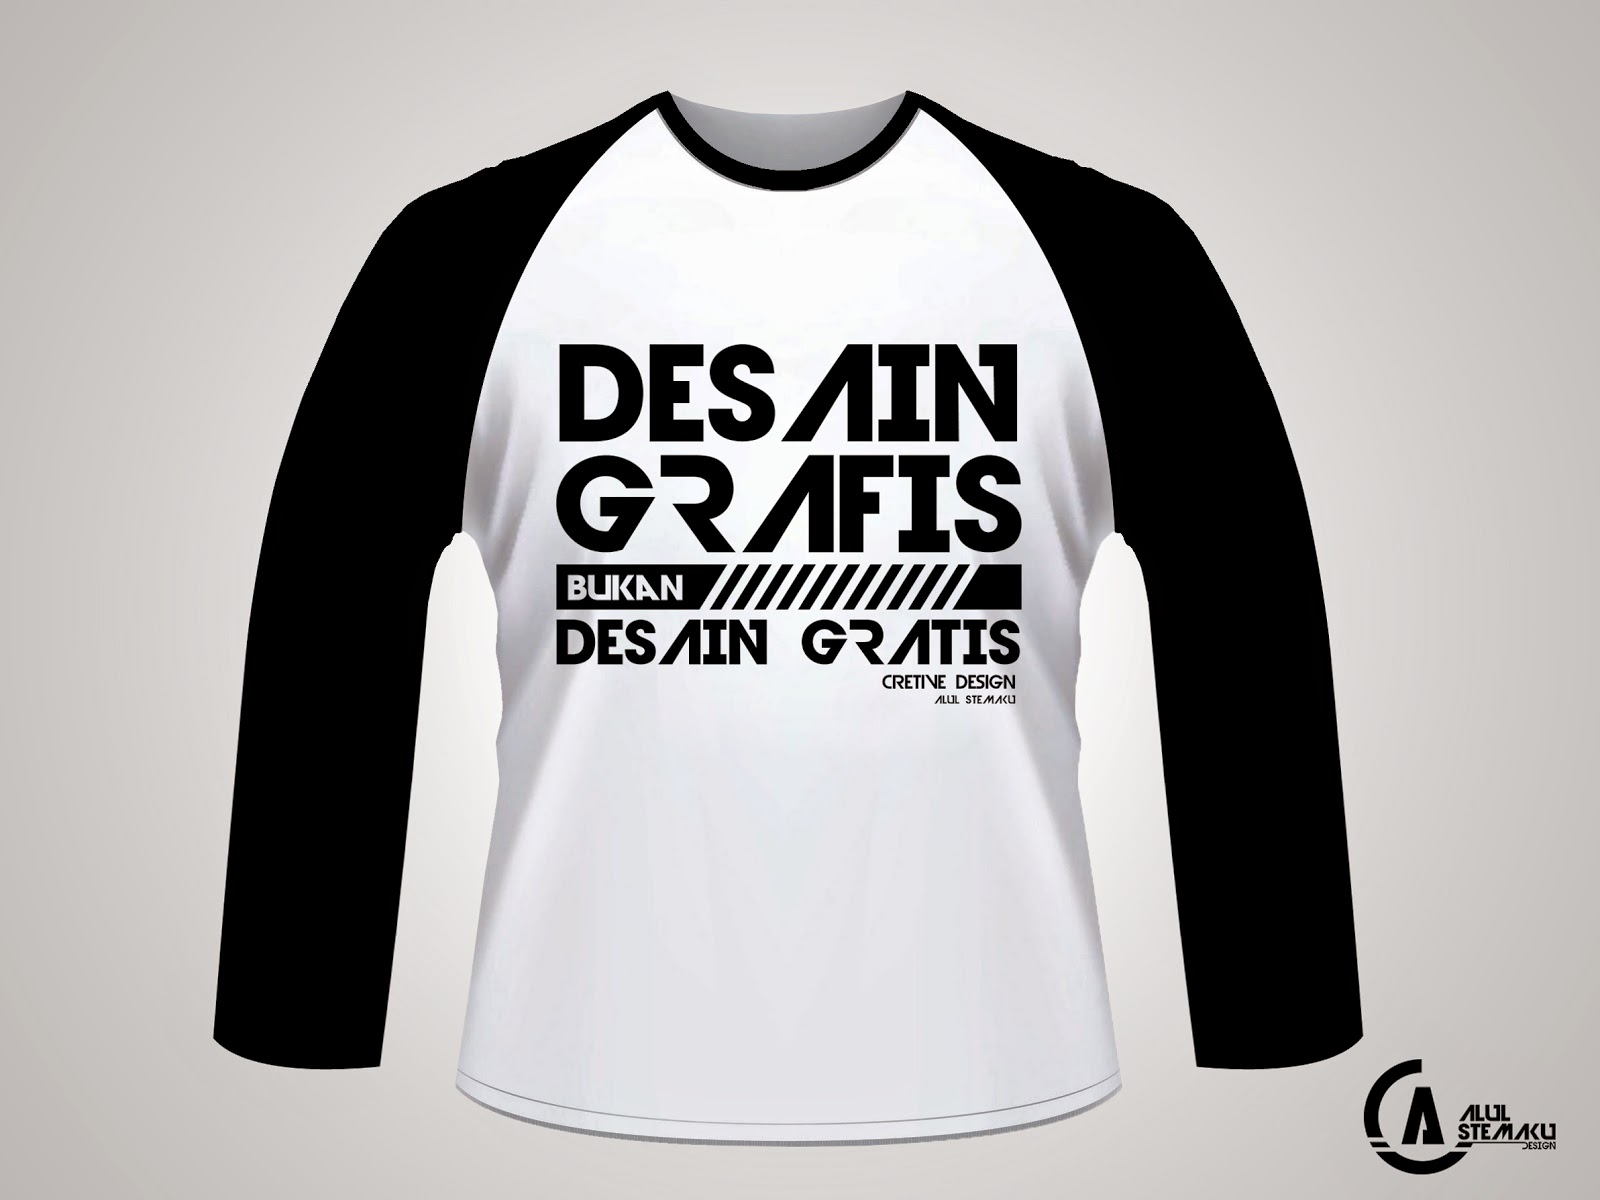 Contoh desain t shirt kelas - Download Gambar Desain Kaos Lengan Panjang Psd